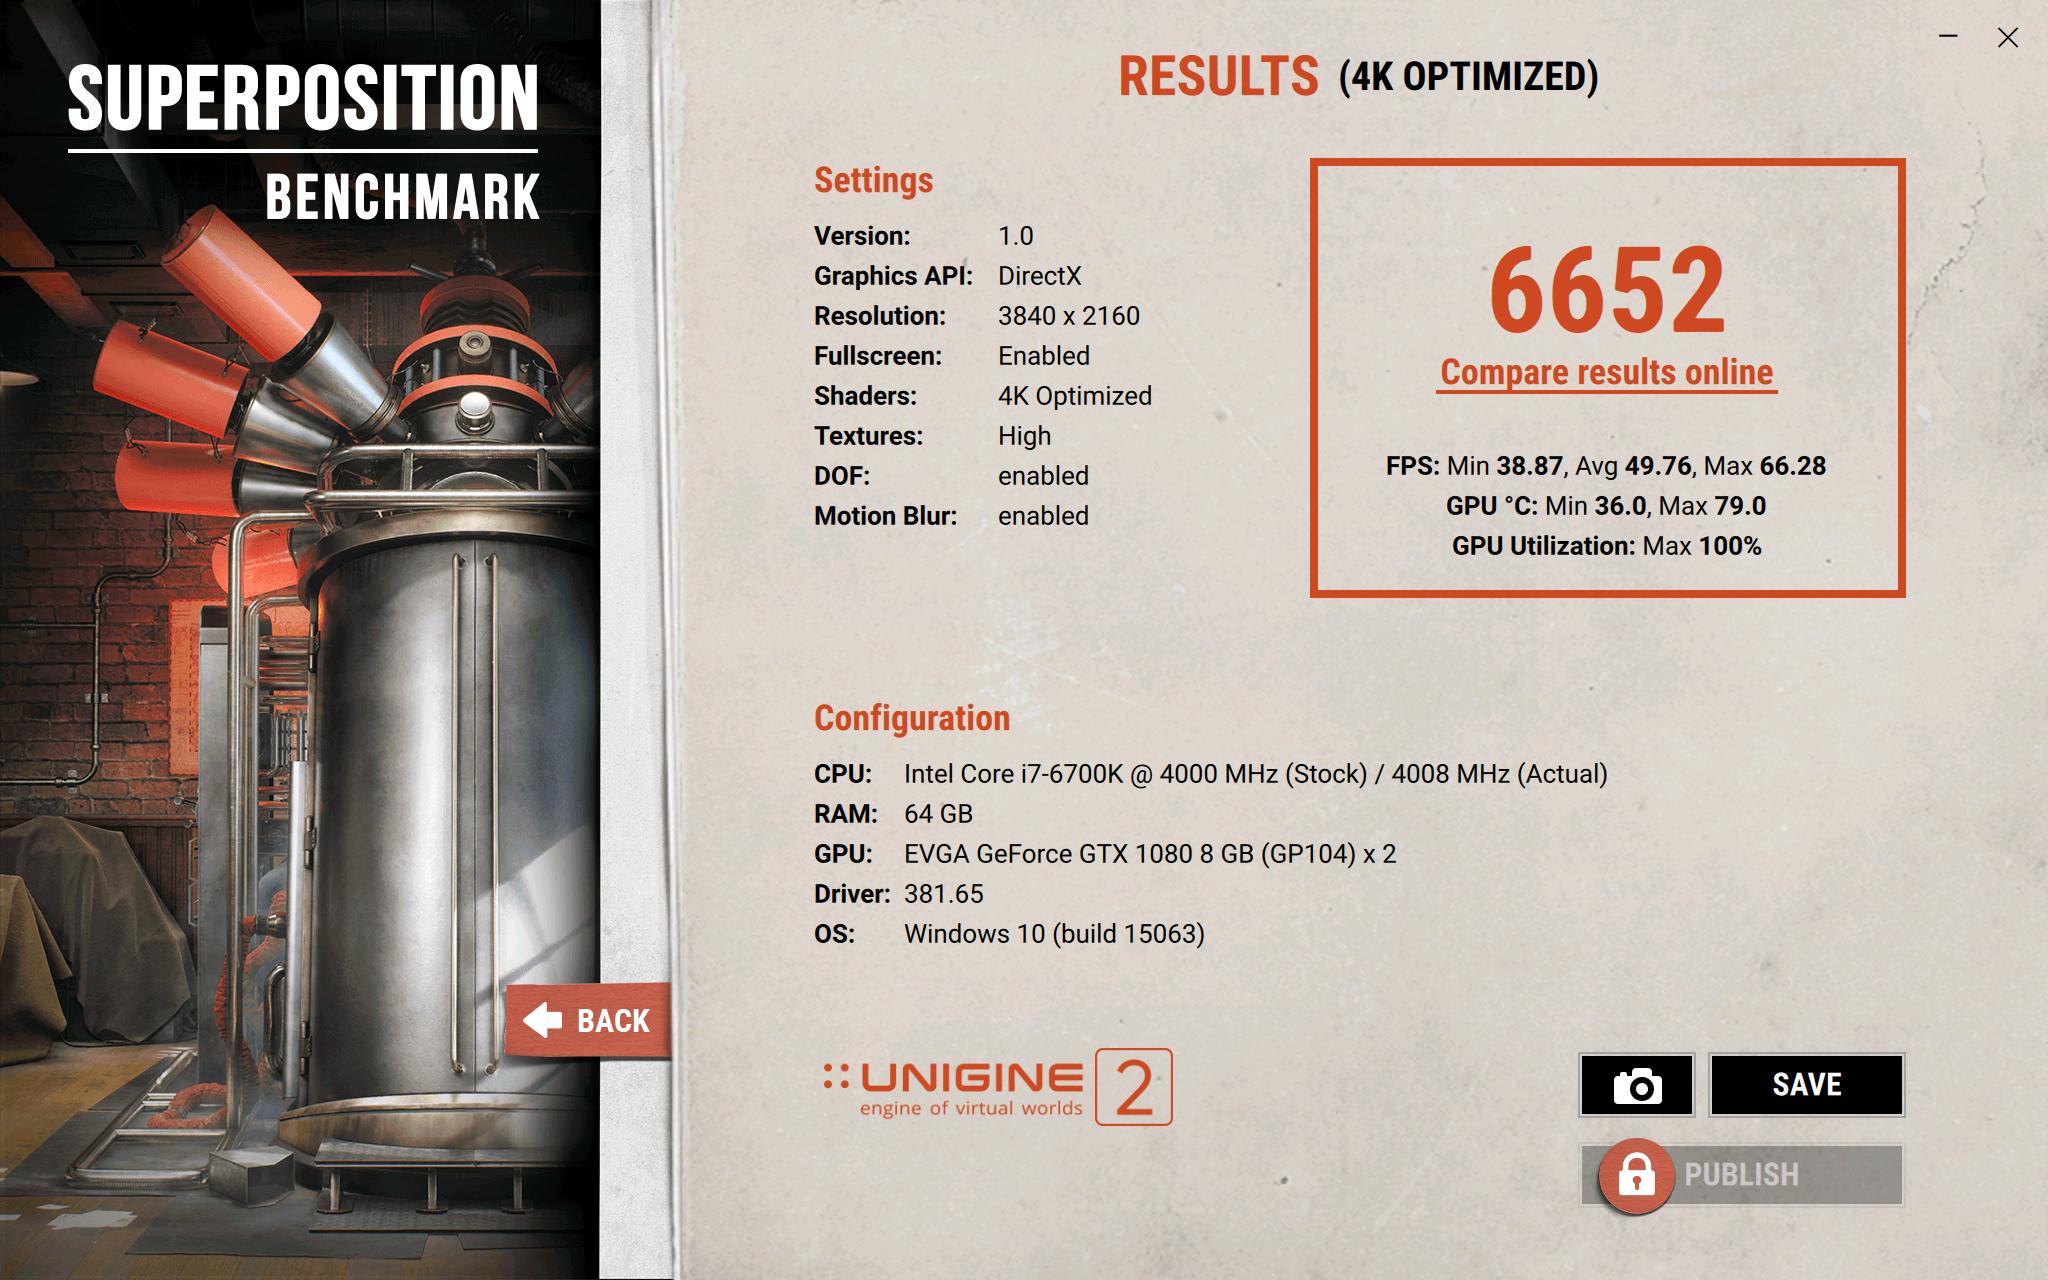 Superposition_Benchmark_v1.0_6652_1492187519.png